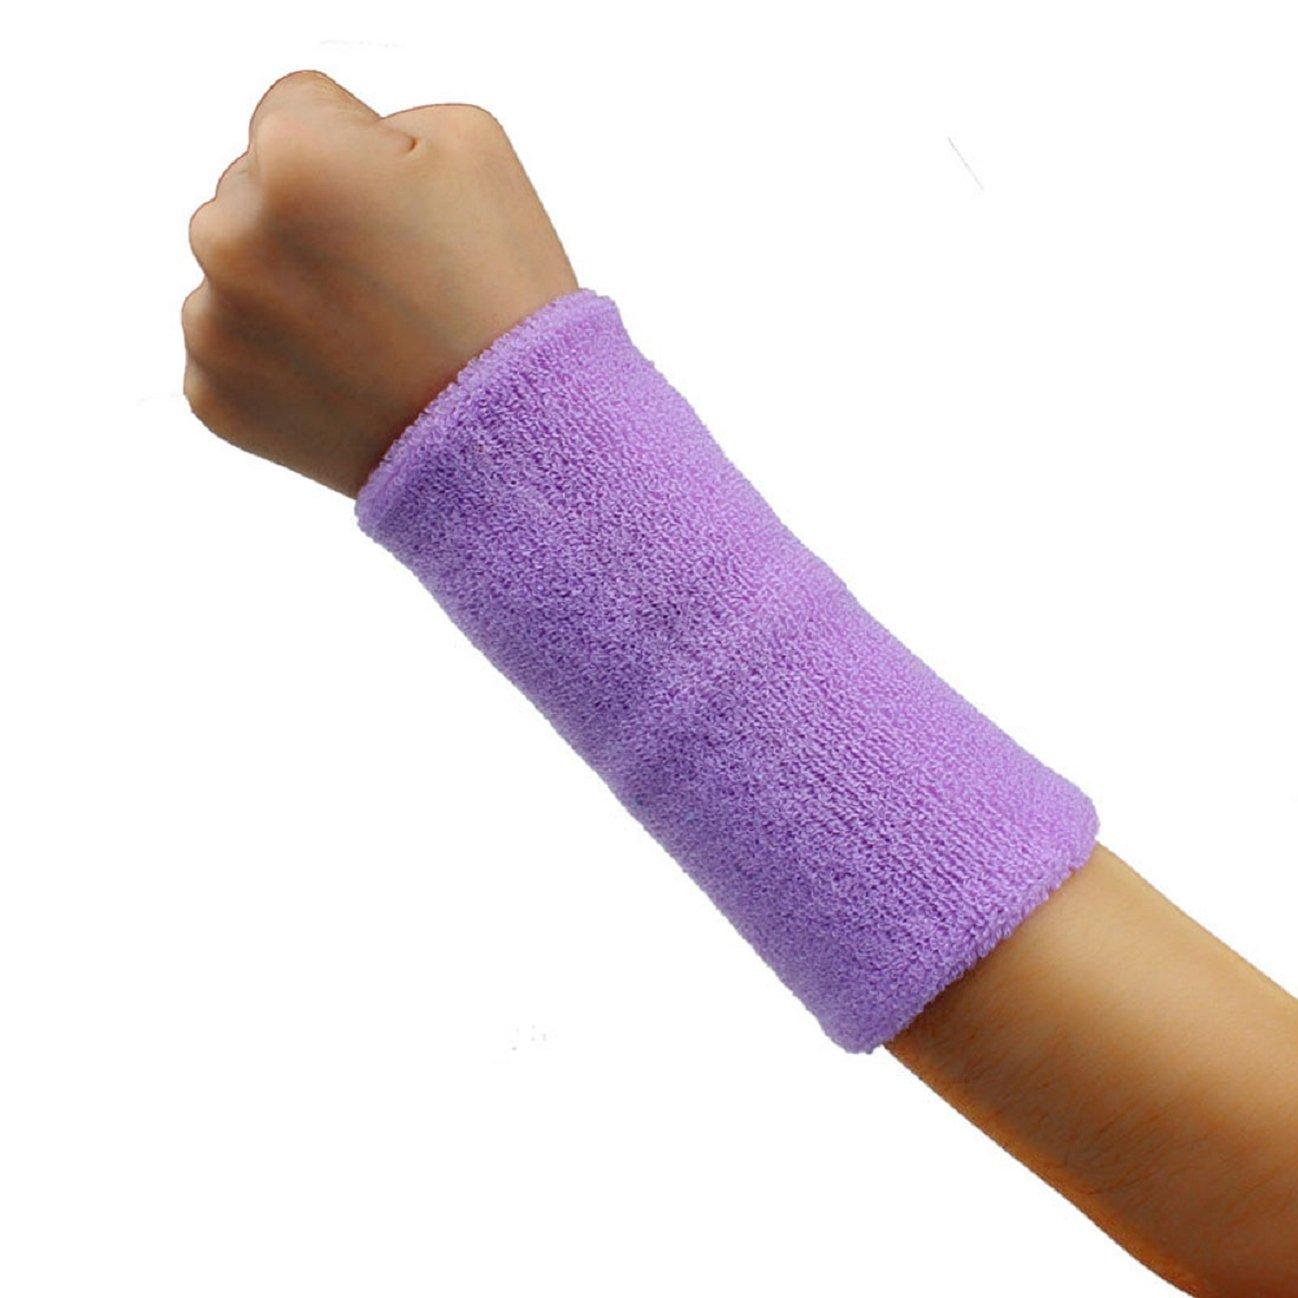 Tonsee 1 PCS Unisex Cotton Basketball Tennis Gym Yoga Sweatband Wristband (Light Purple)